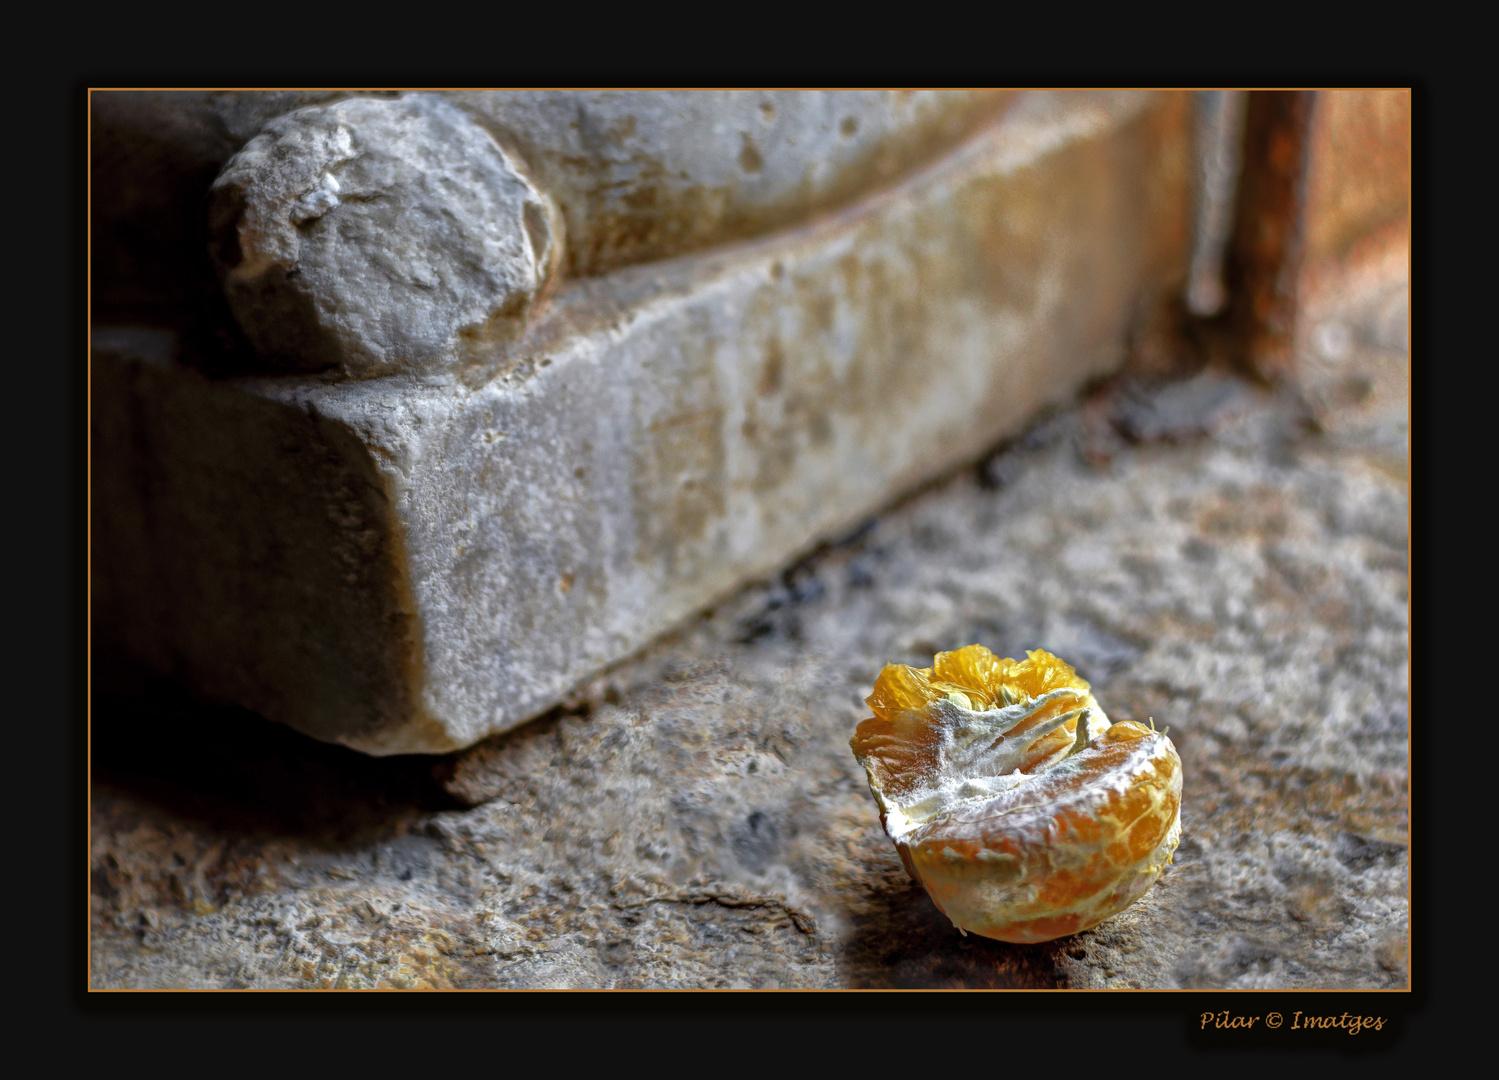 La vida, la piedra